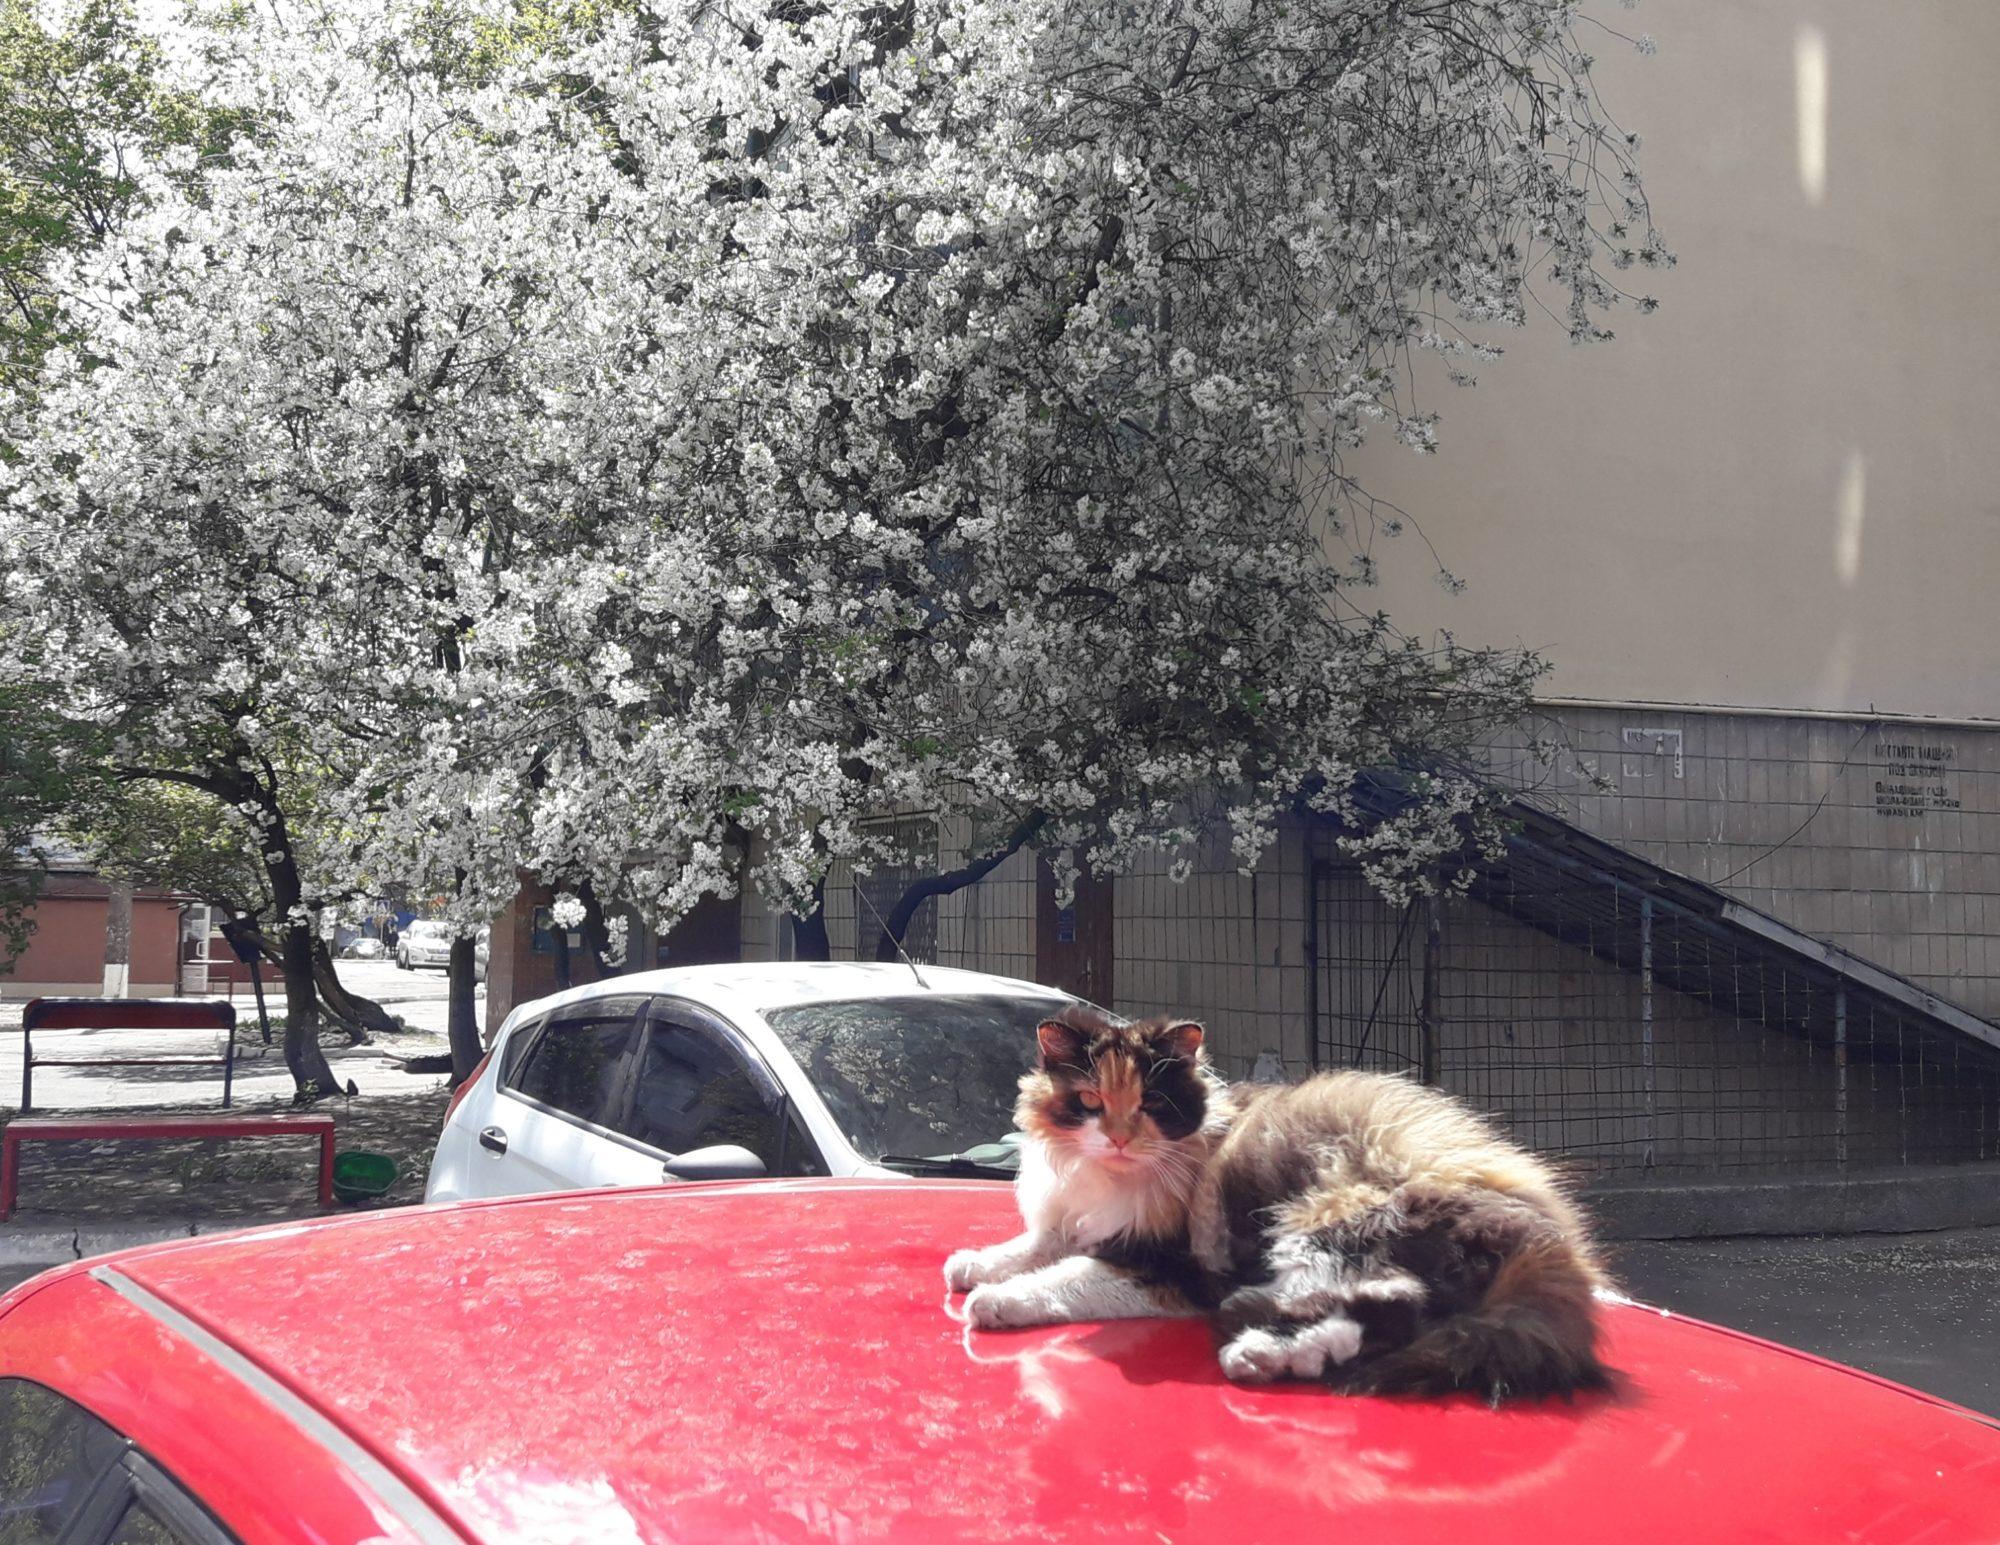 Ірпінь квітне: у місті настає пік цвітіння дерев та кущів (ФОТО) -  - 20200427 211119 2000x1545